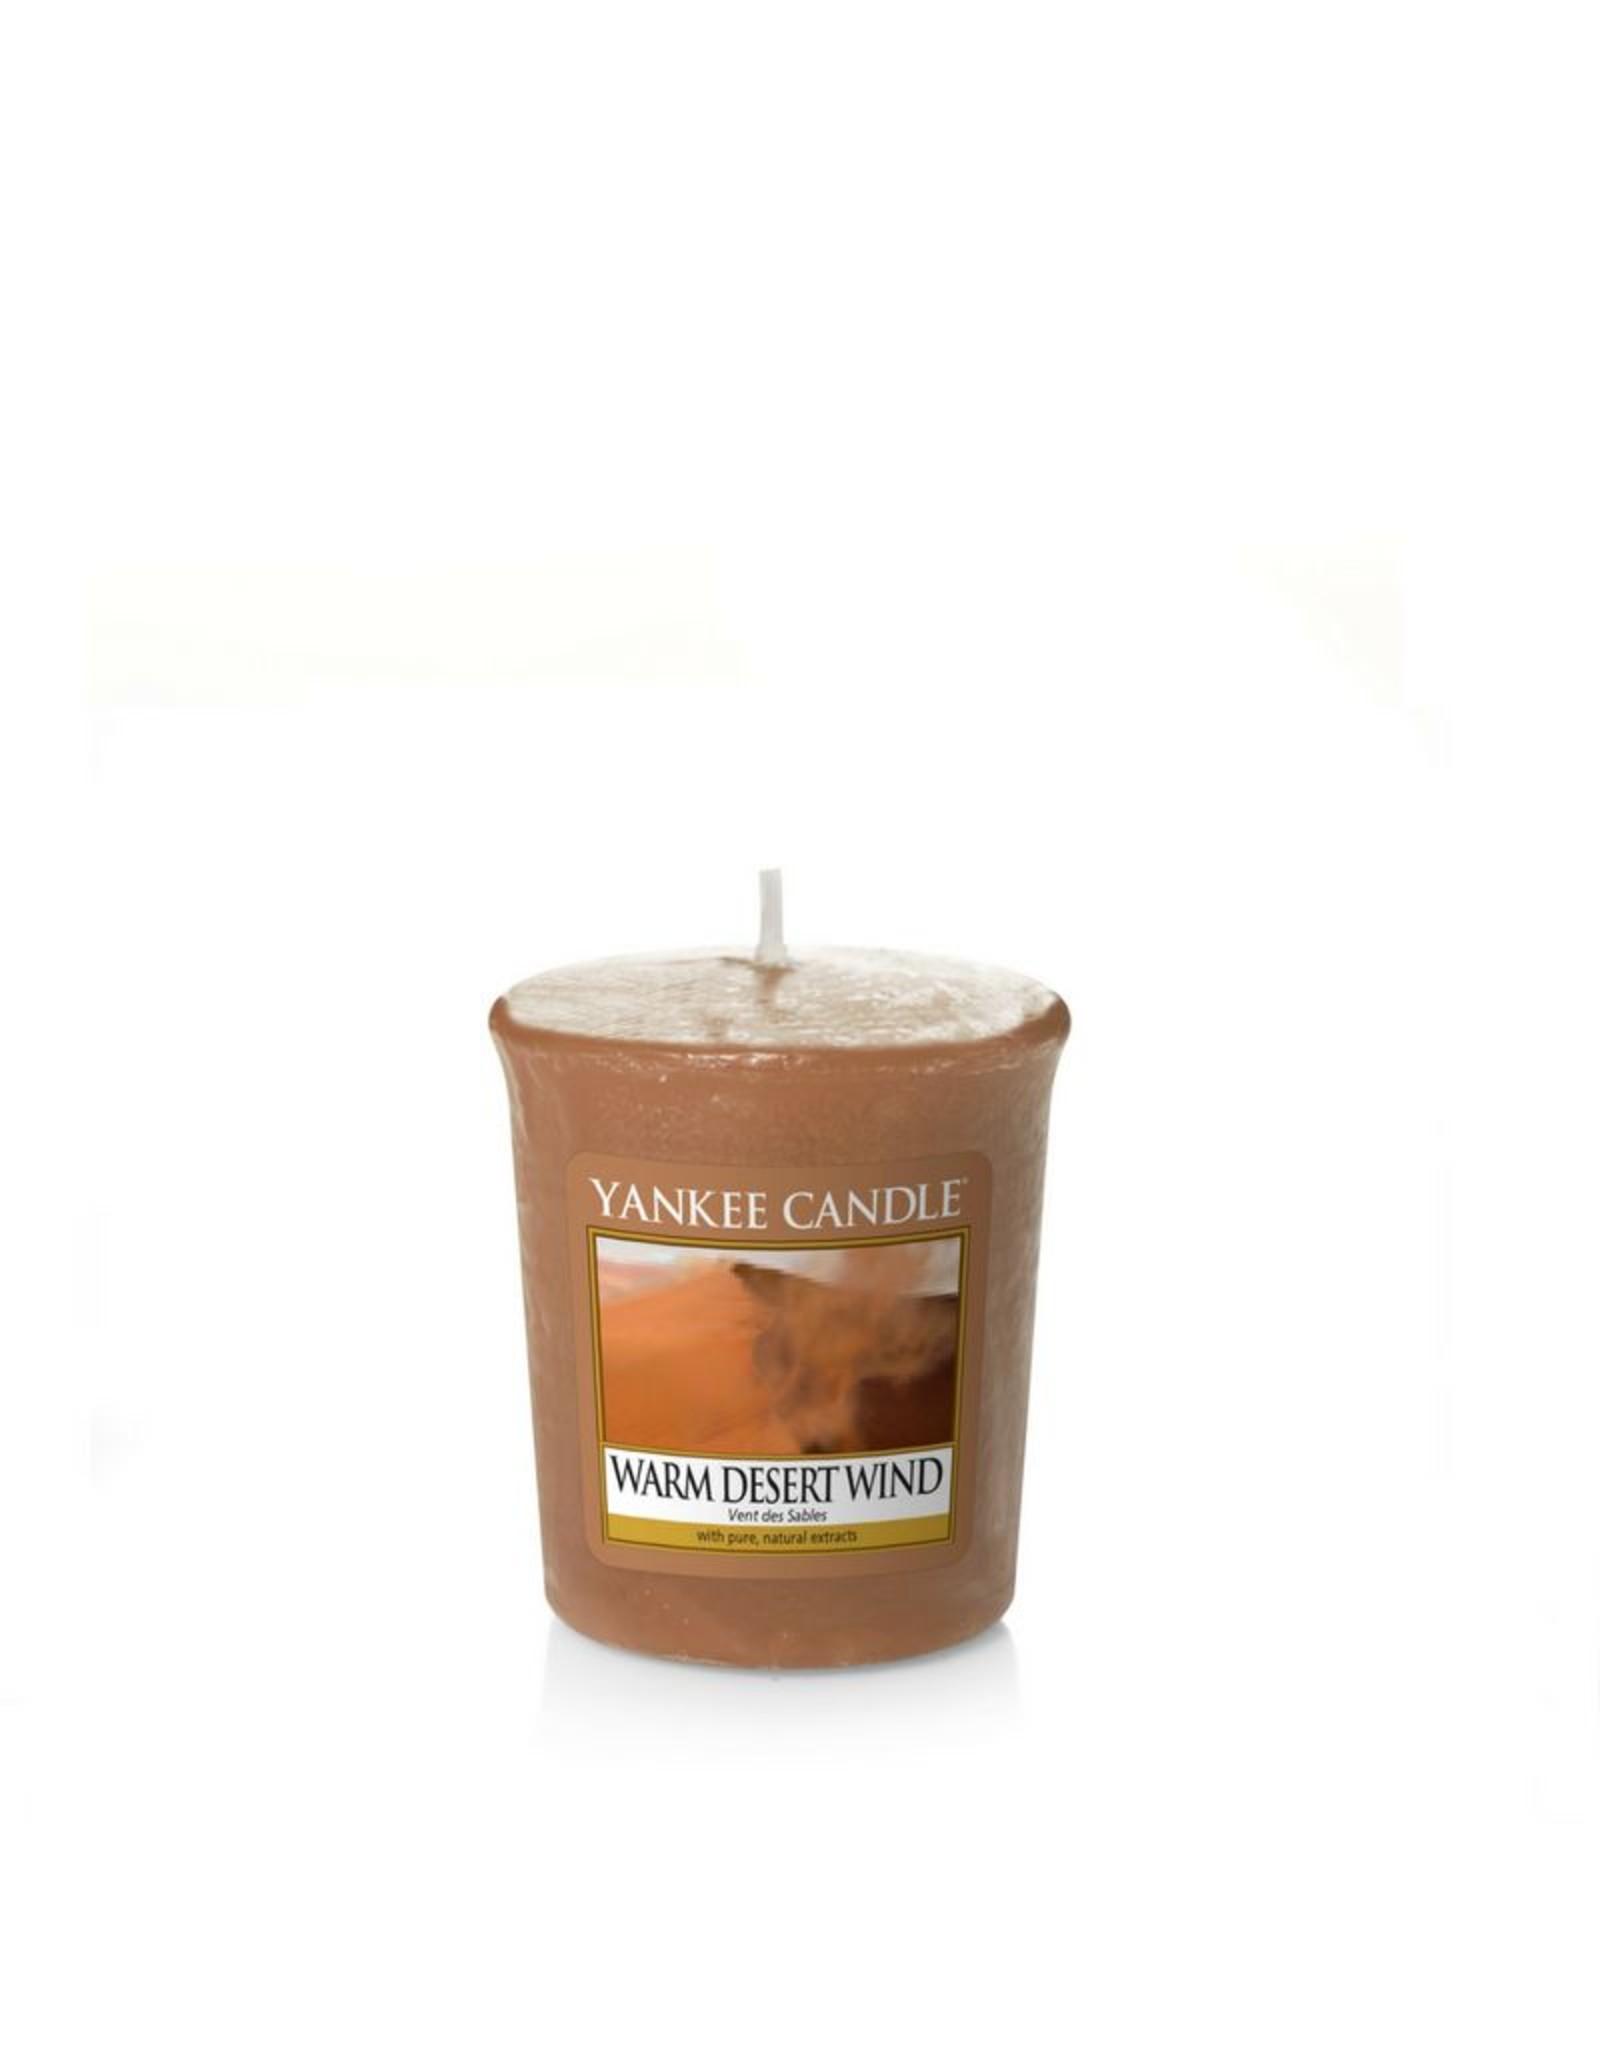 Yankee Candle Warm Desert Wind Votive